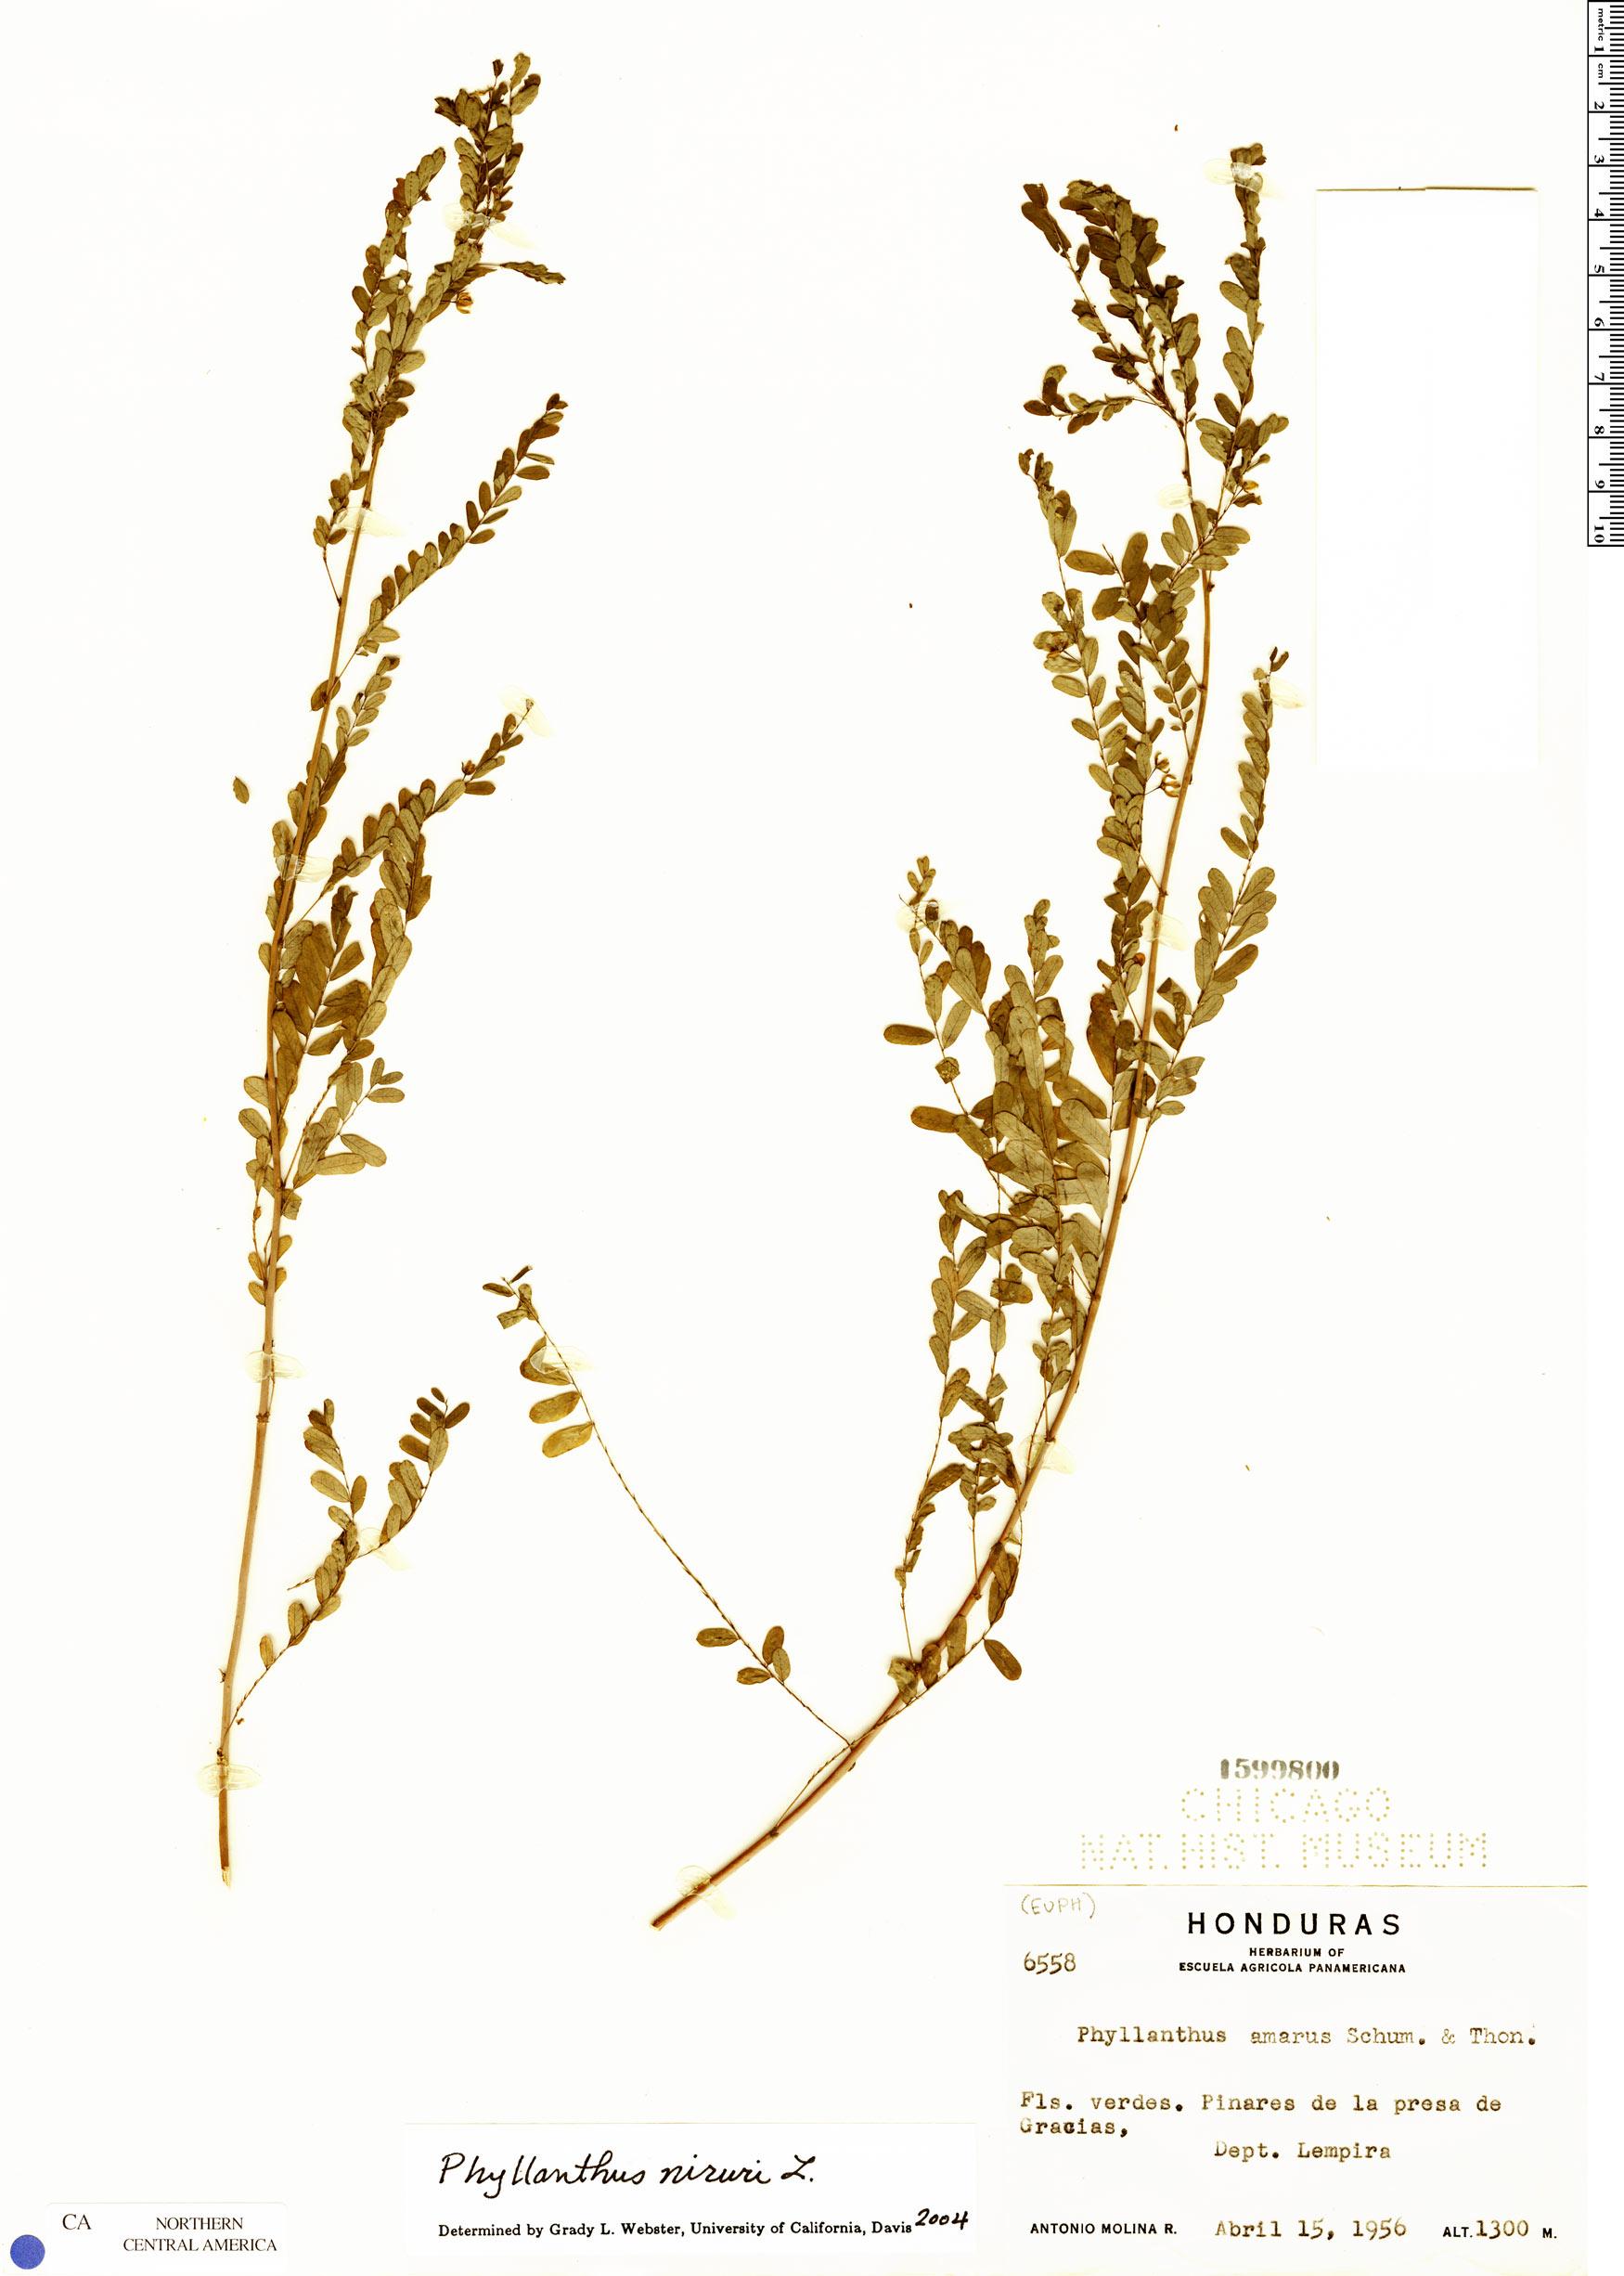 Specimen: Phyllanthus niruri